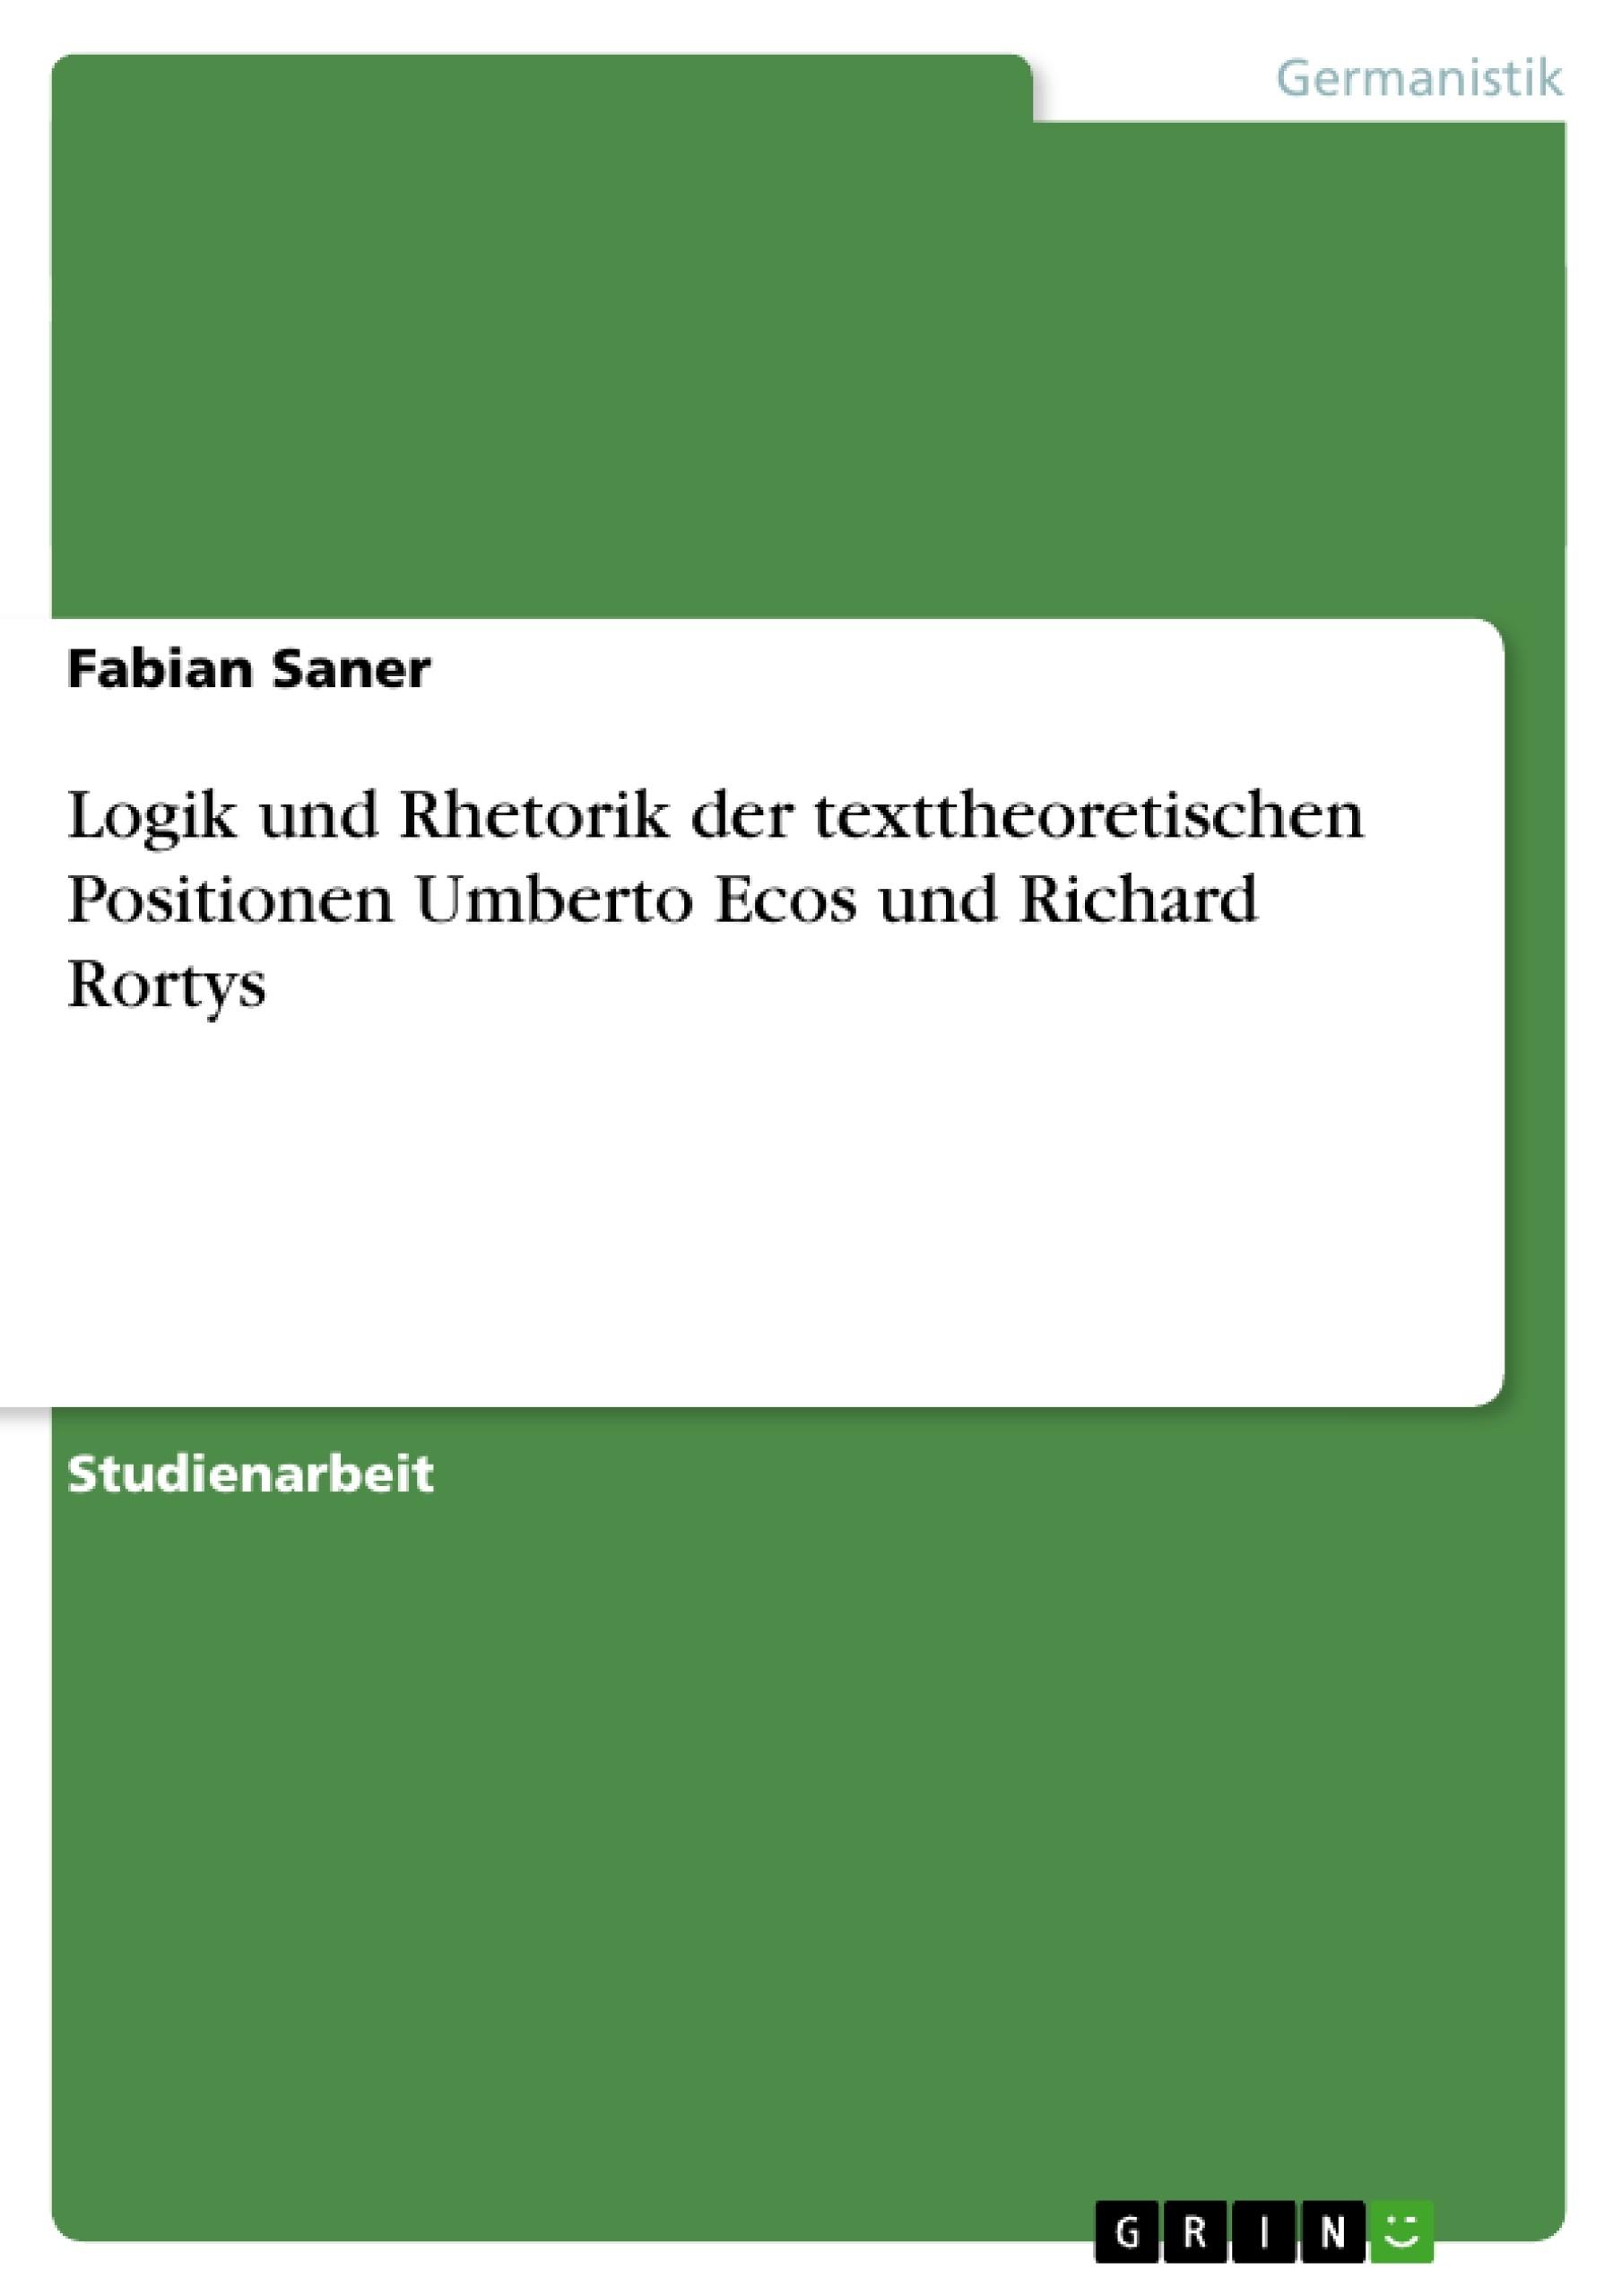 Titel: Logik und Rhetorik der texttheoretischen Positionen Umberto Ecos und Richard Rortys